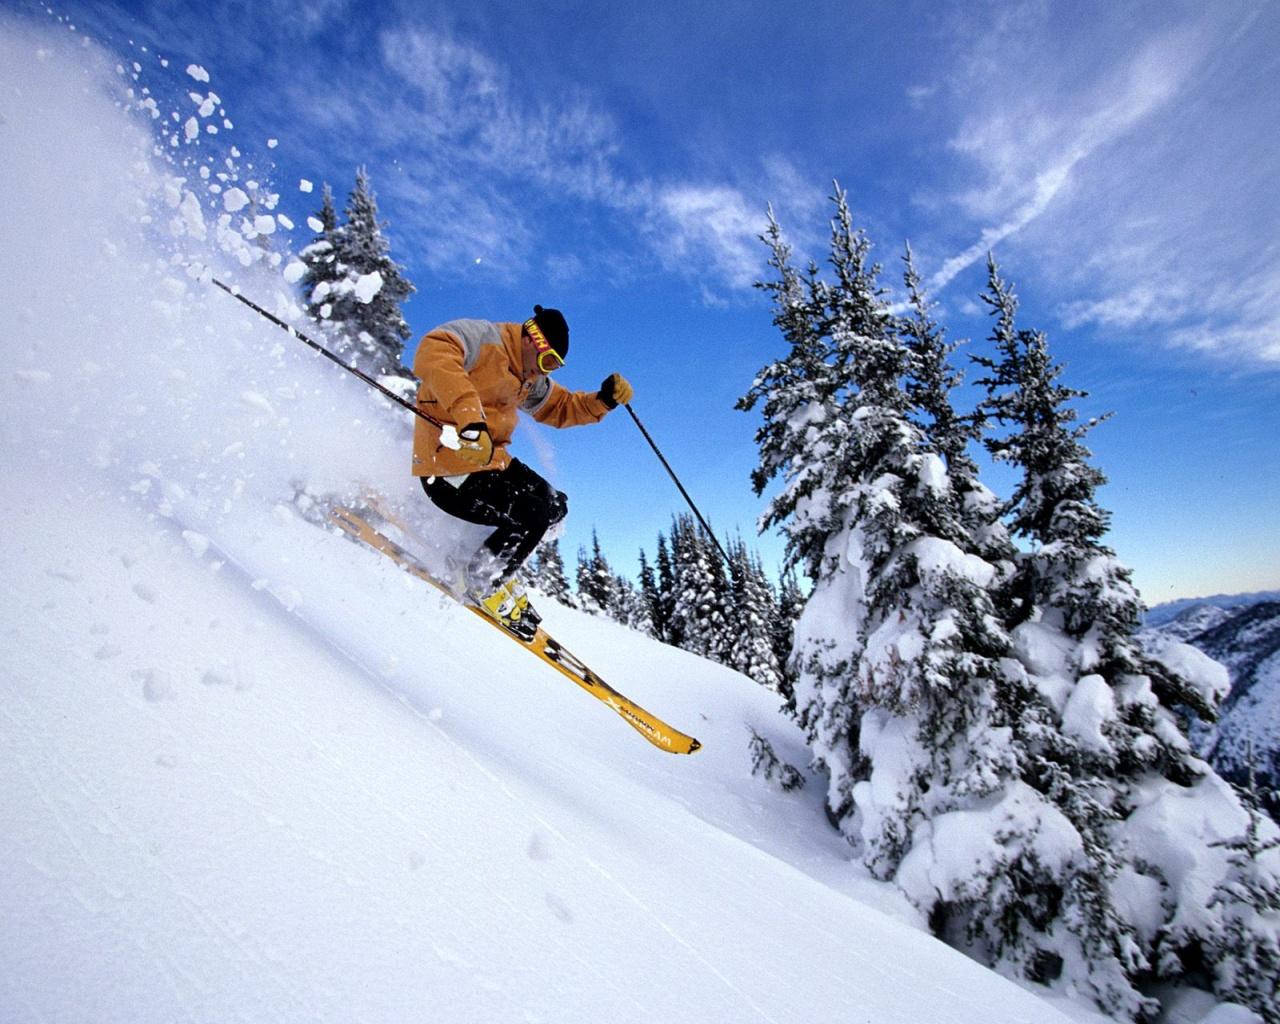 http://2.bp.blogspot.com/_oCEA7DBXyqs/TQDqs-JsbeI/AAAAAAAAD9c/jrUiTBLMXpk/s1600/skiing-through-snow-wallpapers_9207_1280x1024.jpg